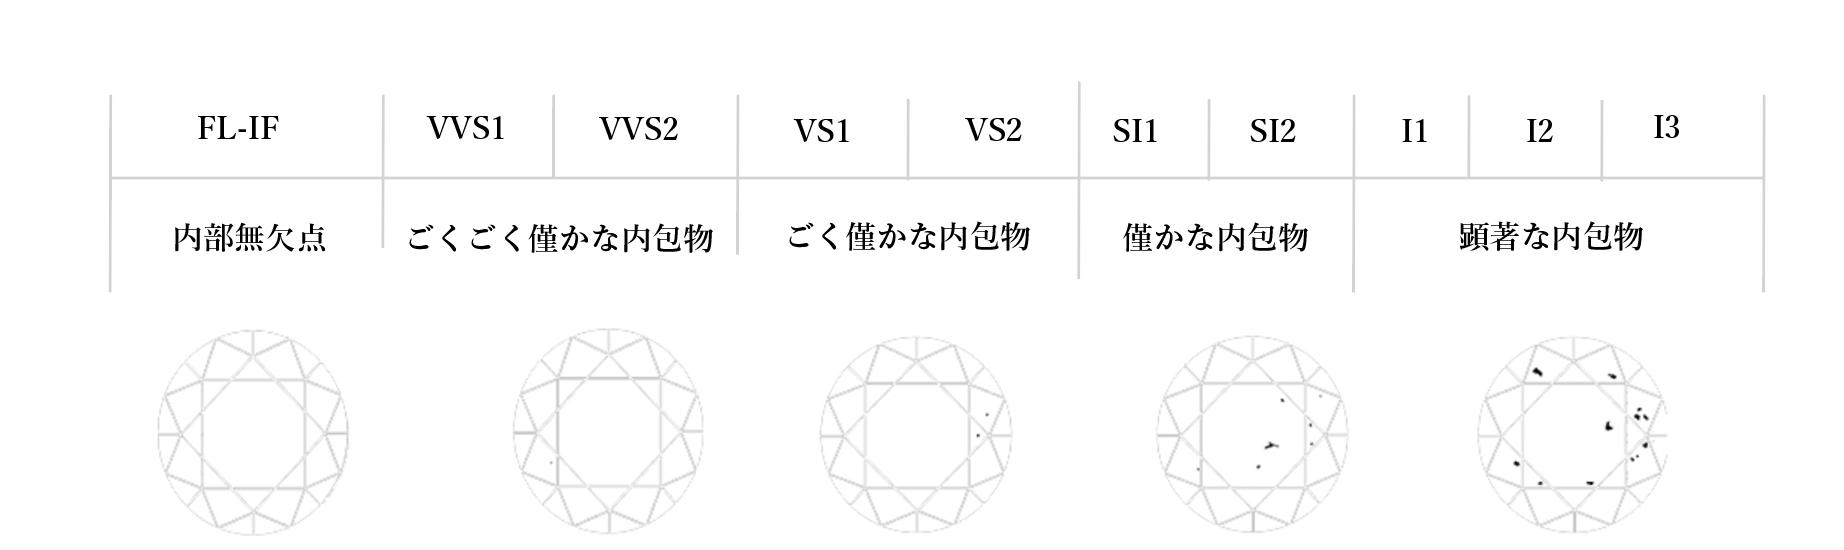 ダイヤモンドのクラリティグレードの表